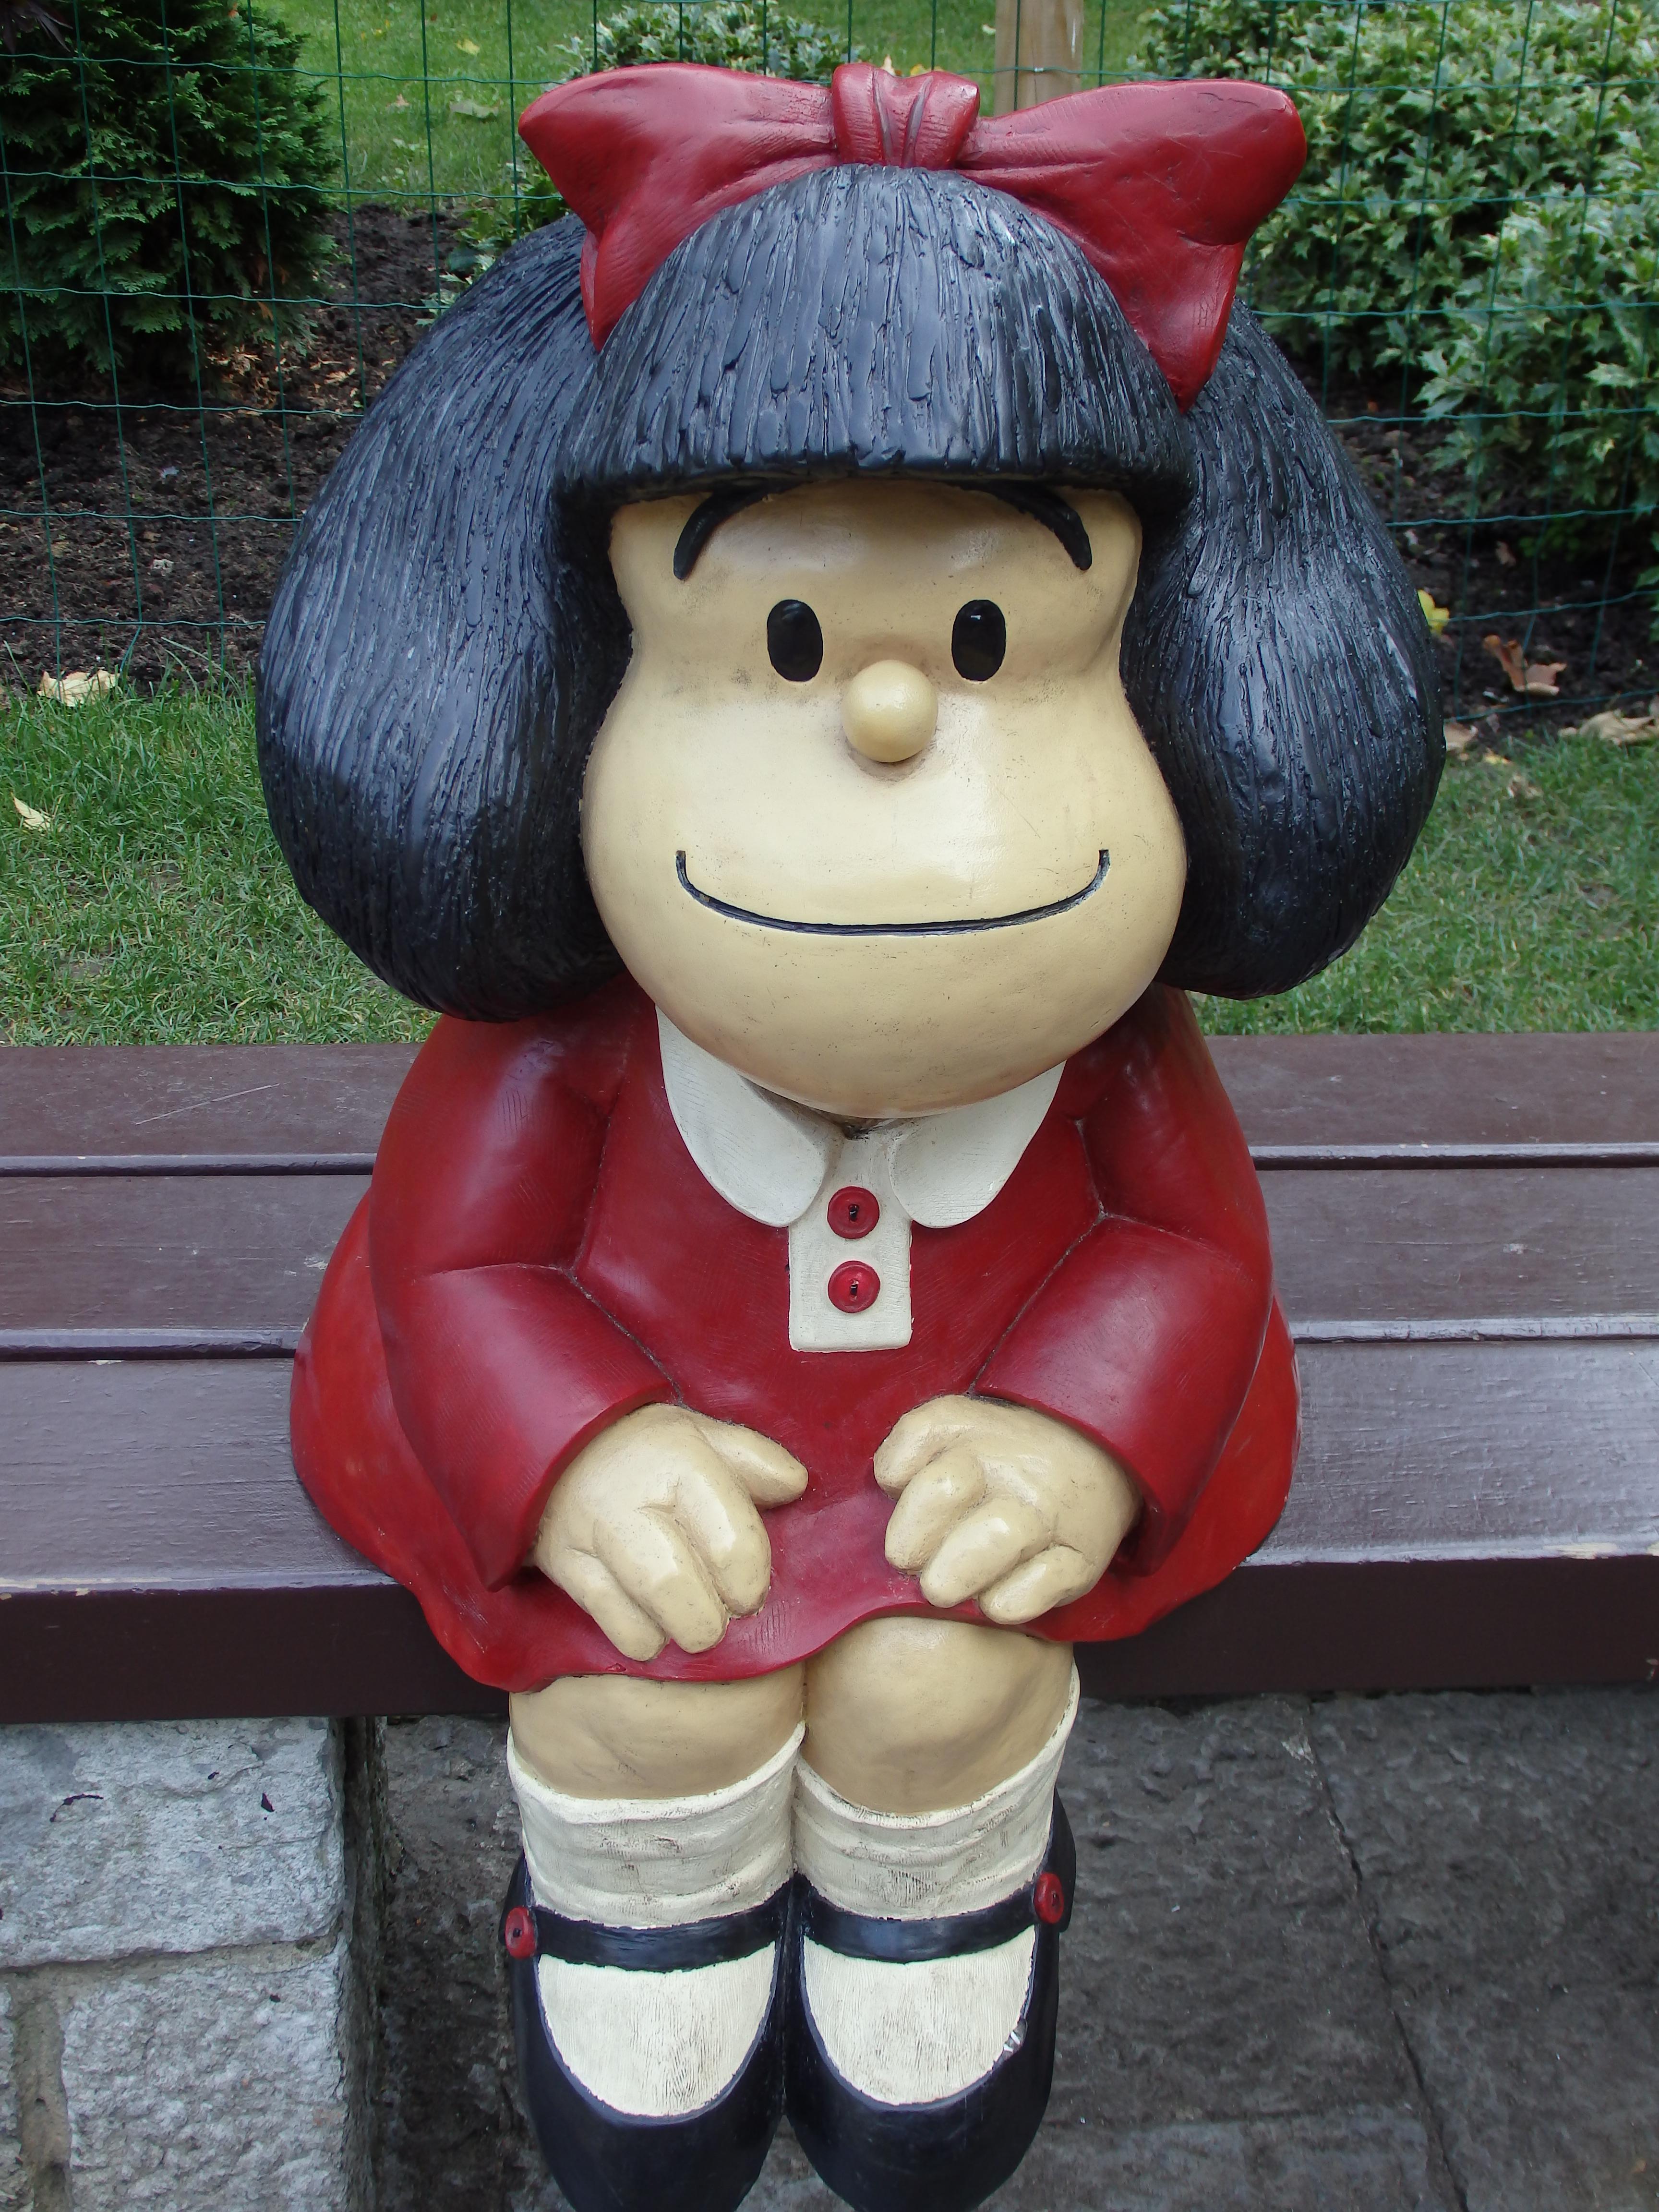 Mafalda - Wikipedia